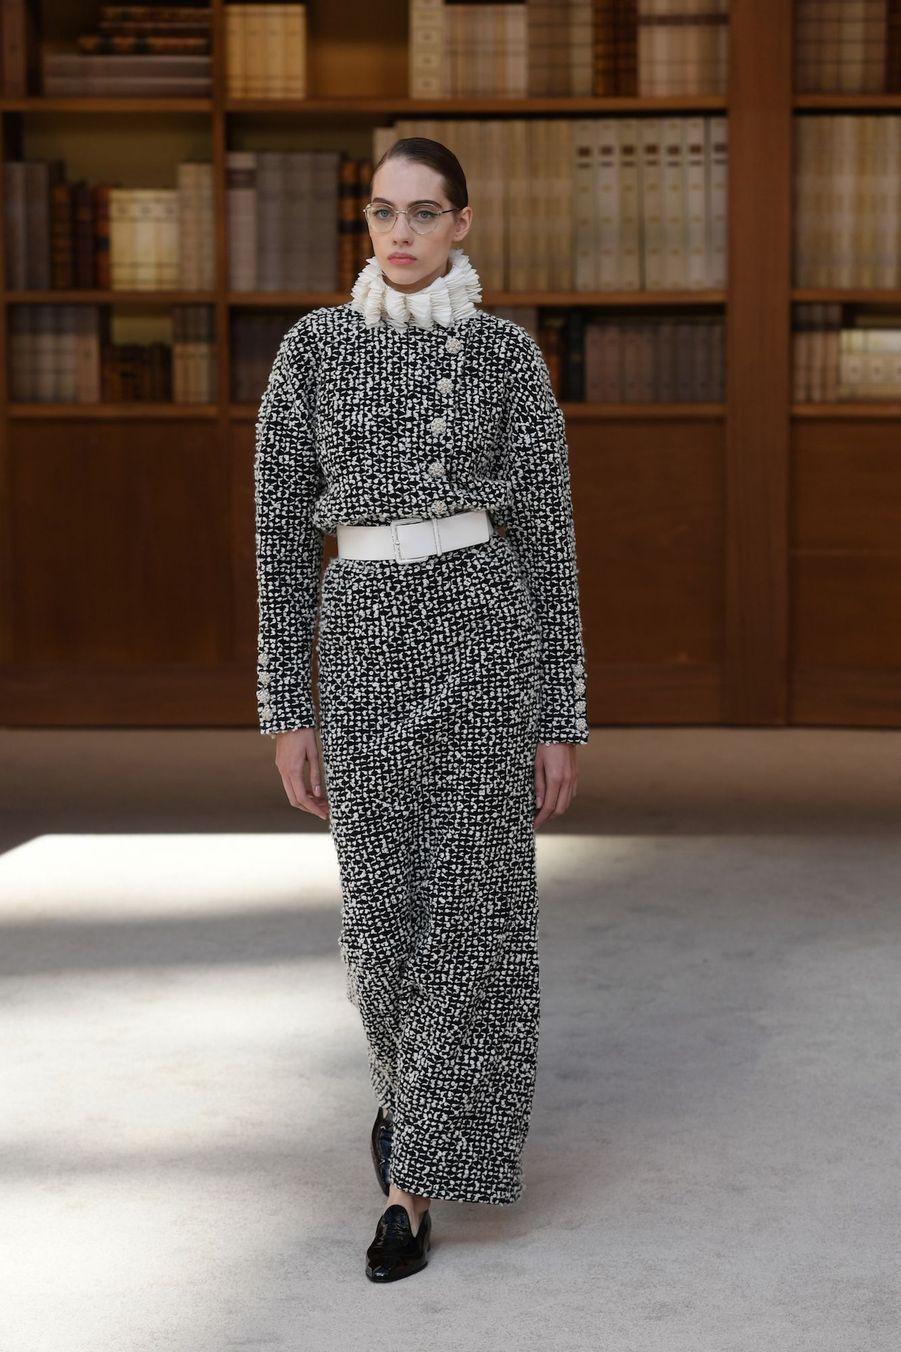 Défilé Chanel, le 2 juillet 2019 au Grand Palais.